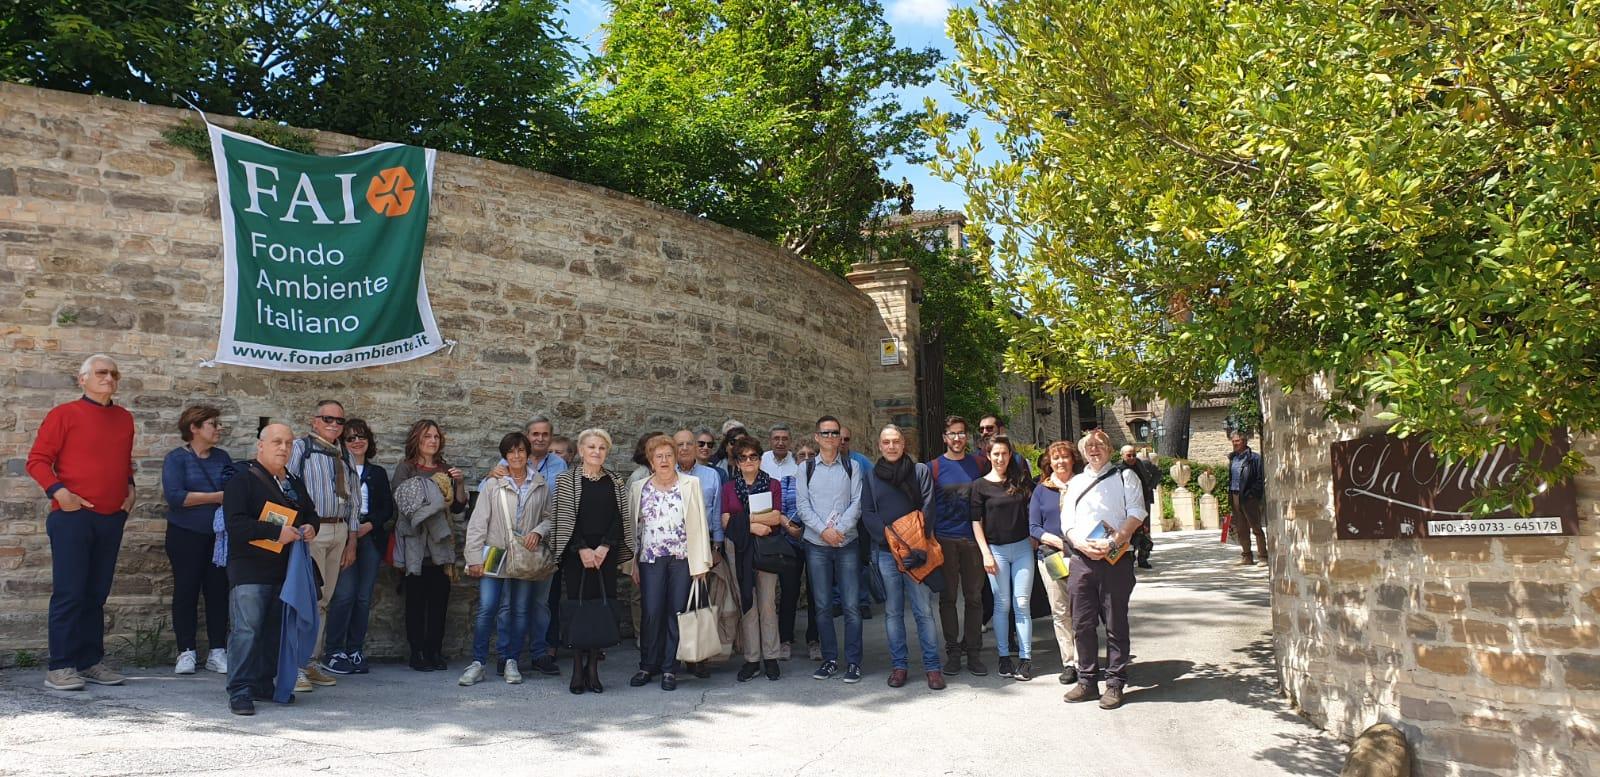 San Severino Marche, il FAI in visita alle ville storiche